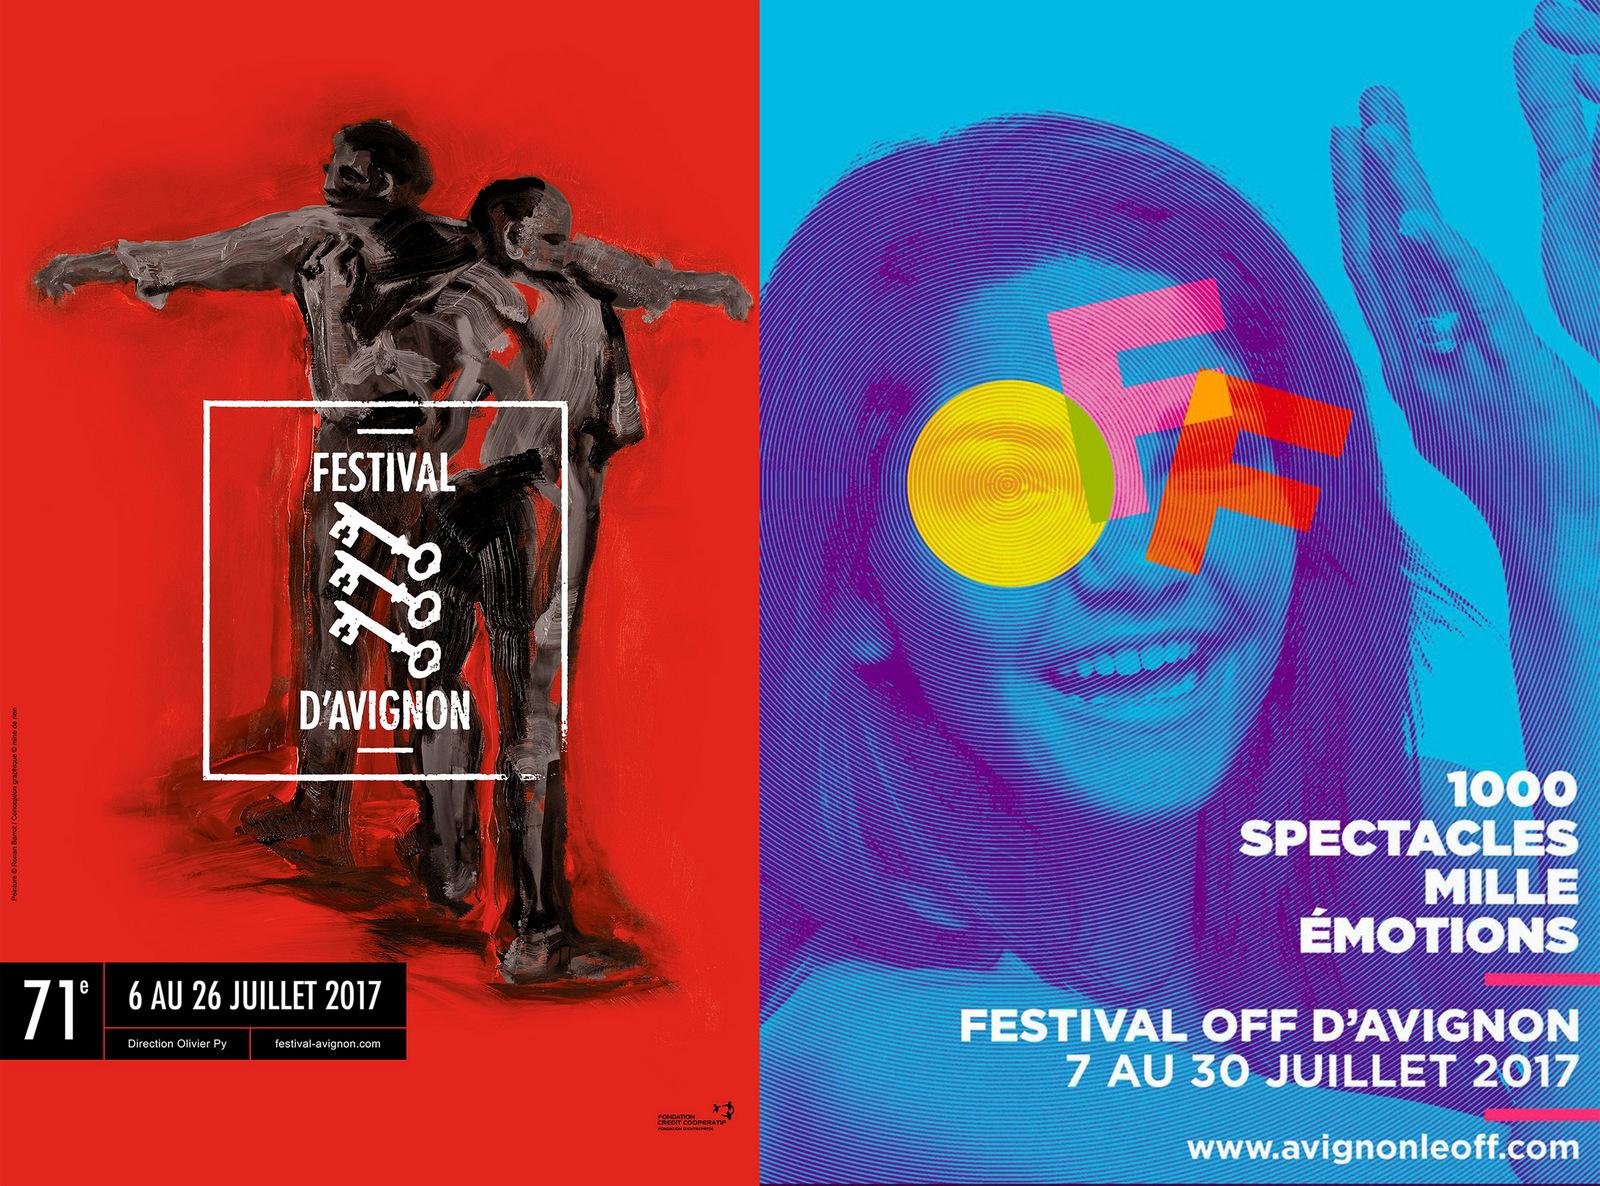 festival avignon in critiques